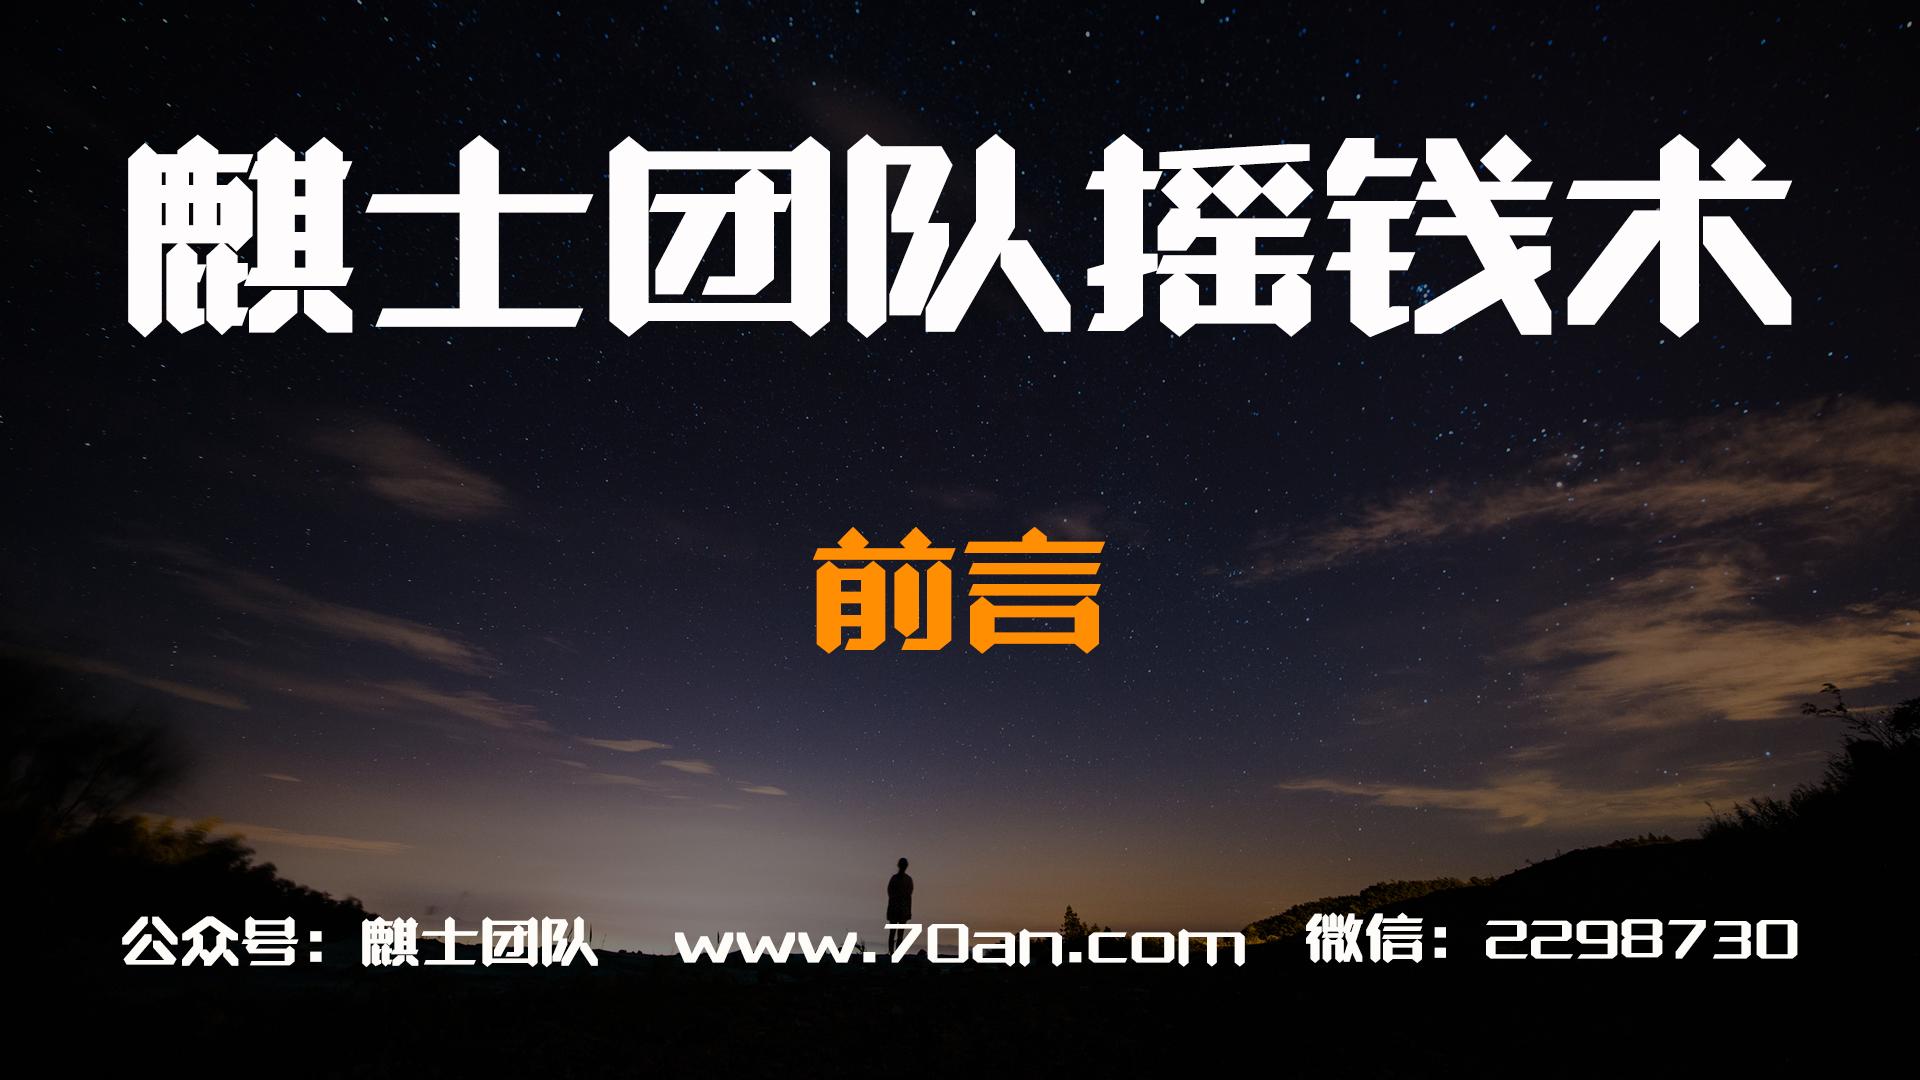 麒士团队摇钱术课程:前言